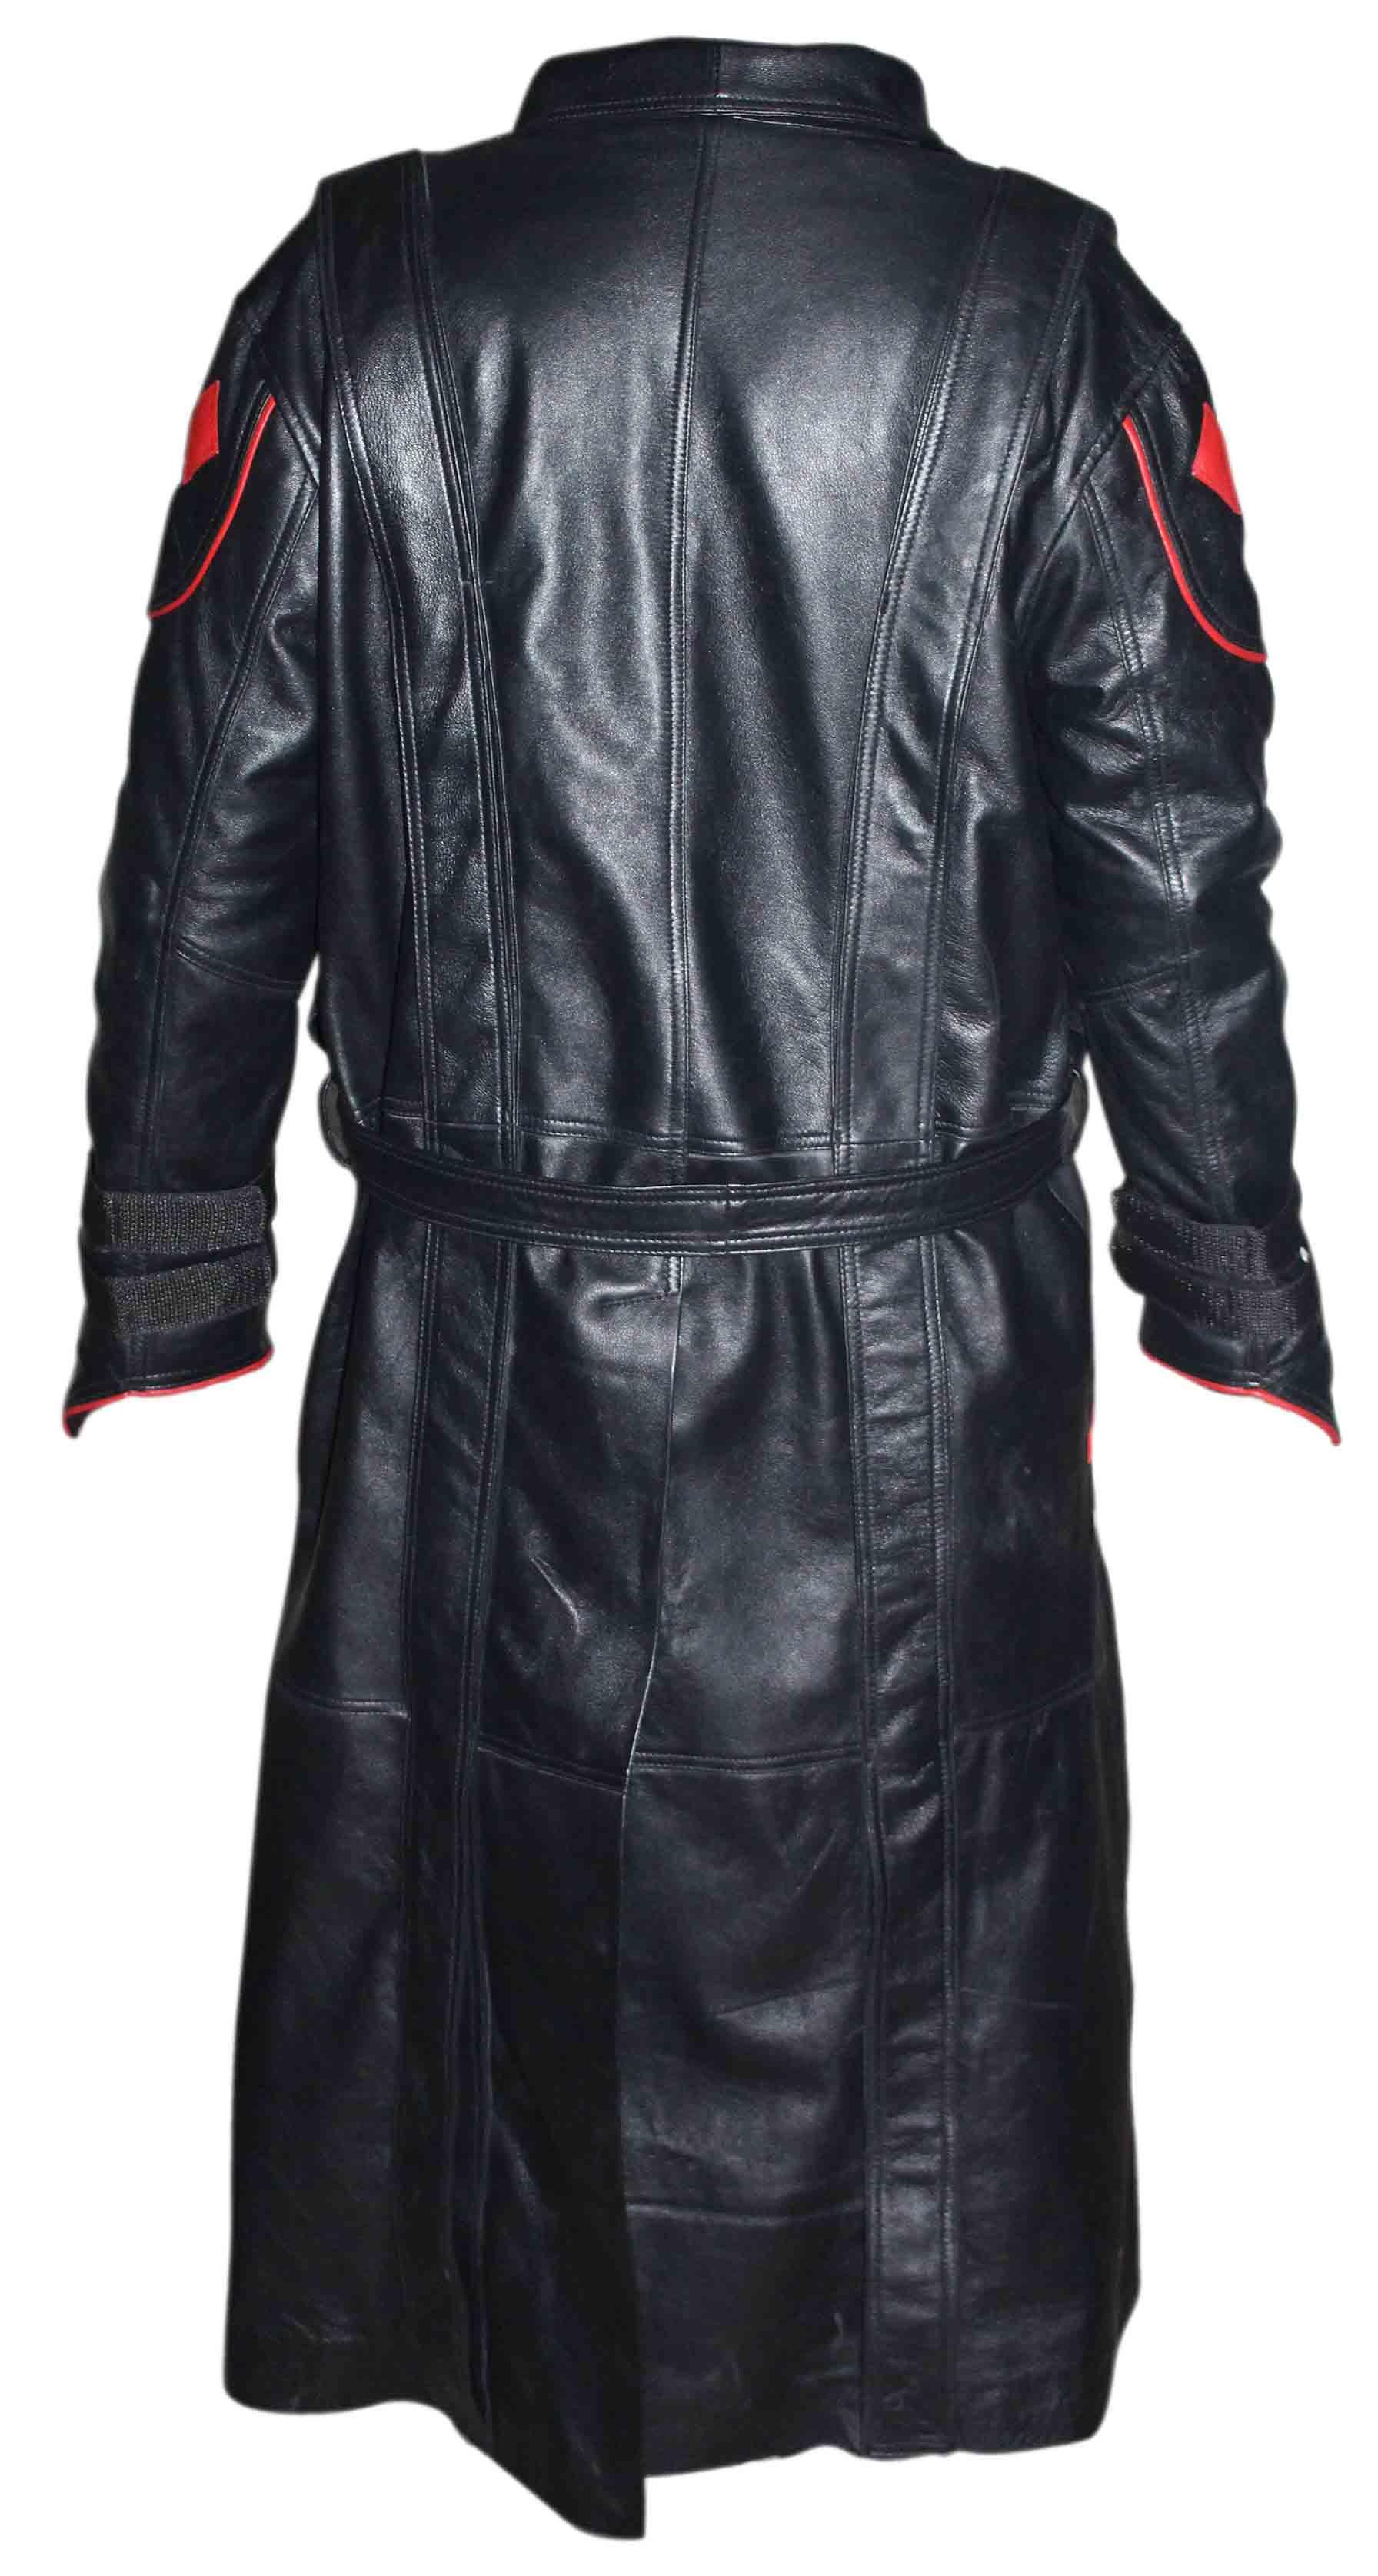 First Avenger Red Skull Leather Coat